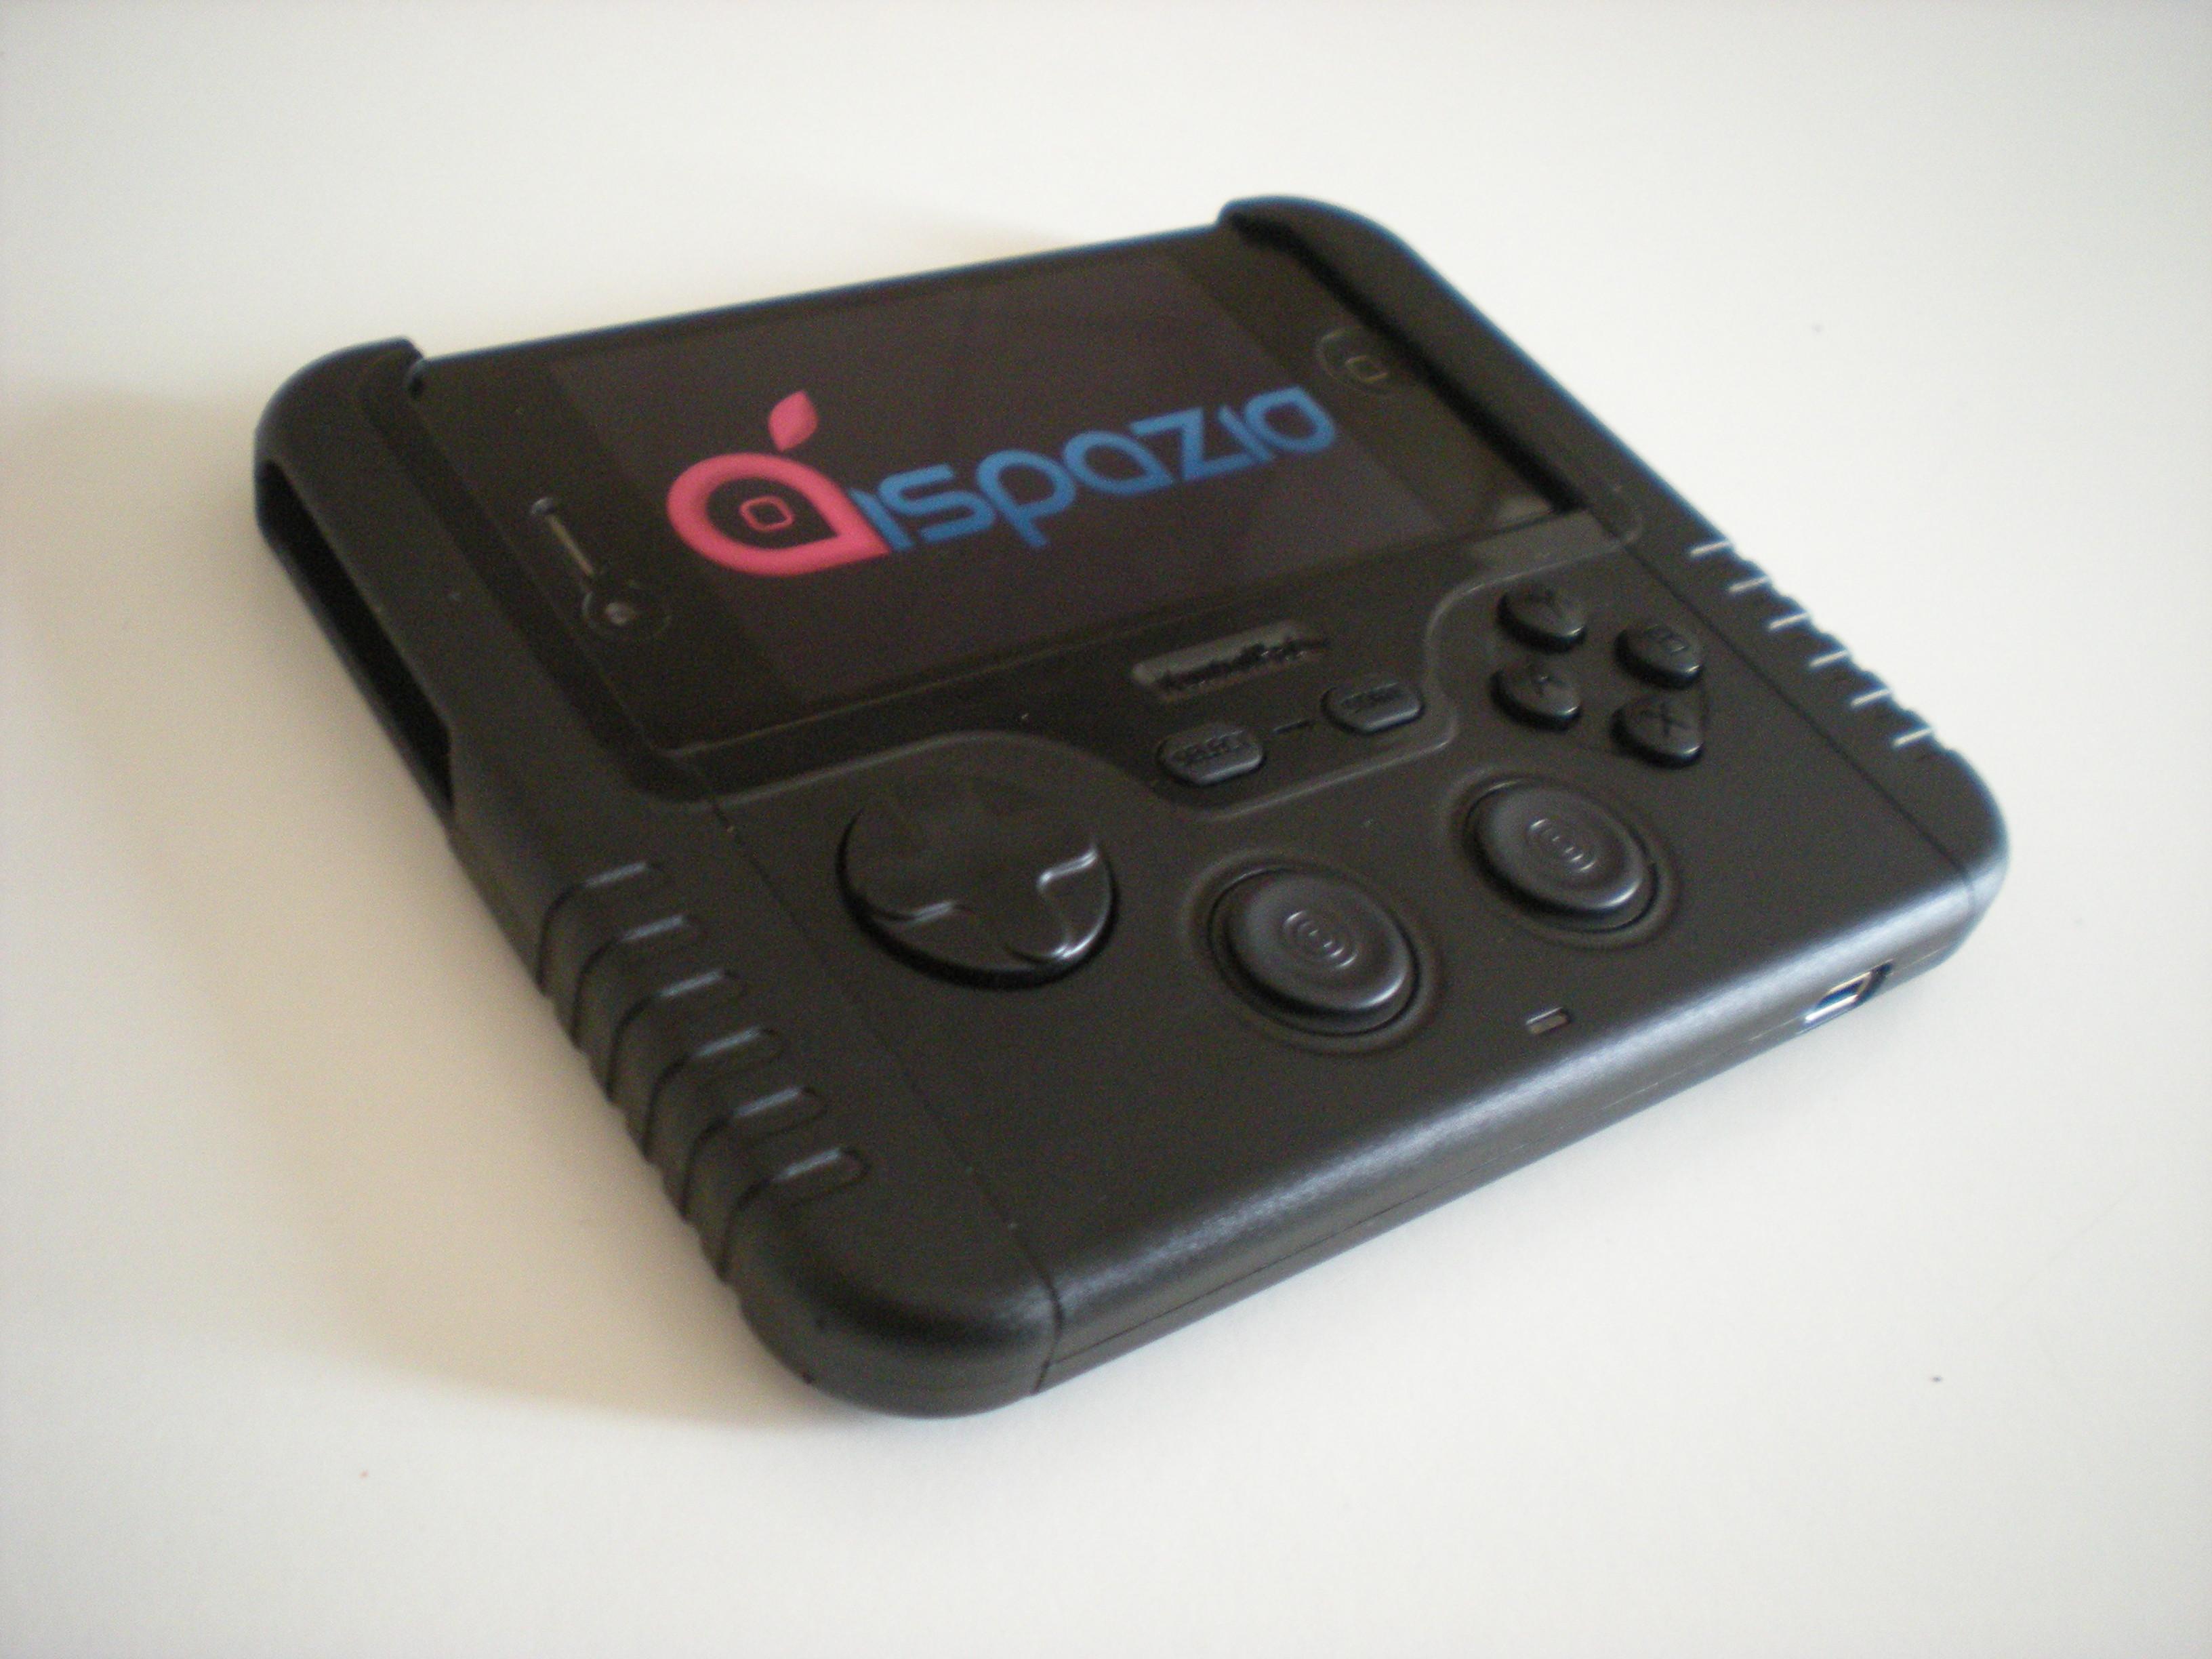 iSpazio prova iControlPad: ecco finalmente il controller con tasti fisici per i nostri iPhone   iSpazio Videoreview